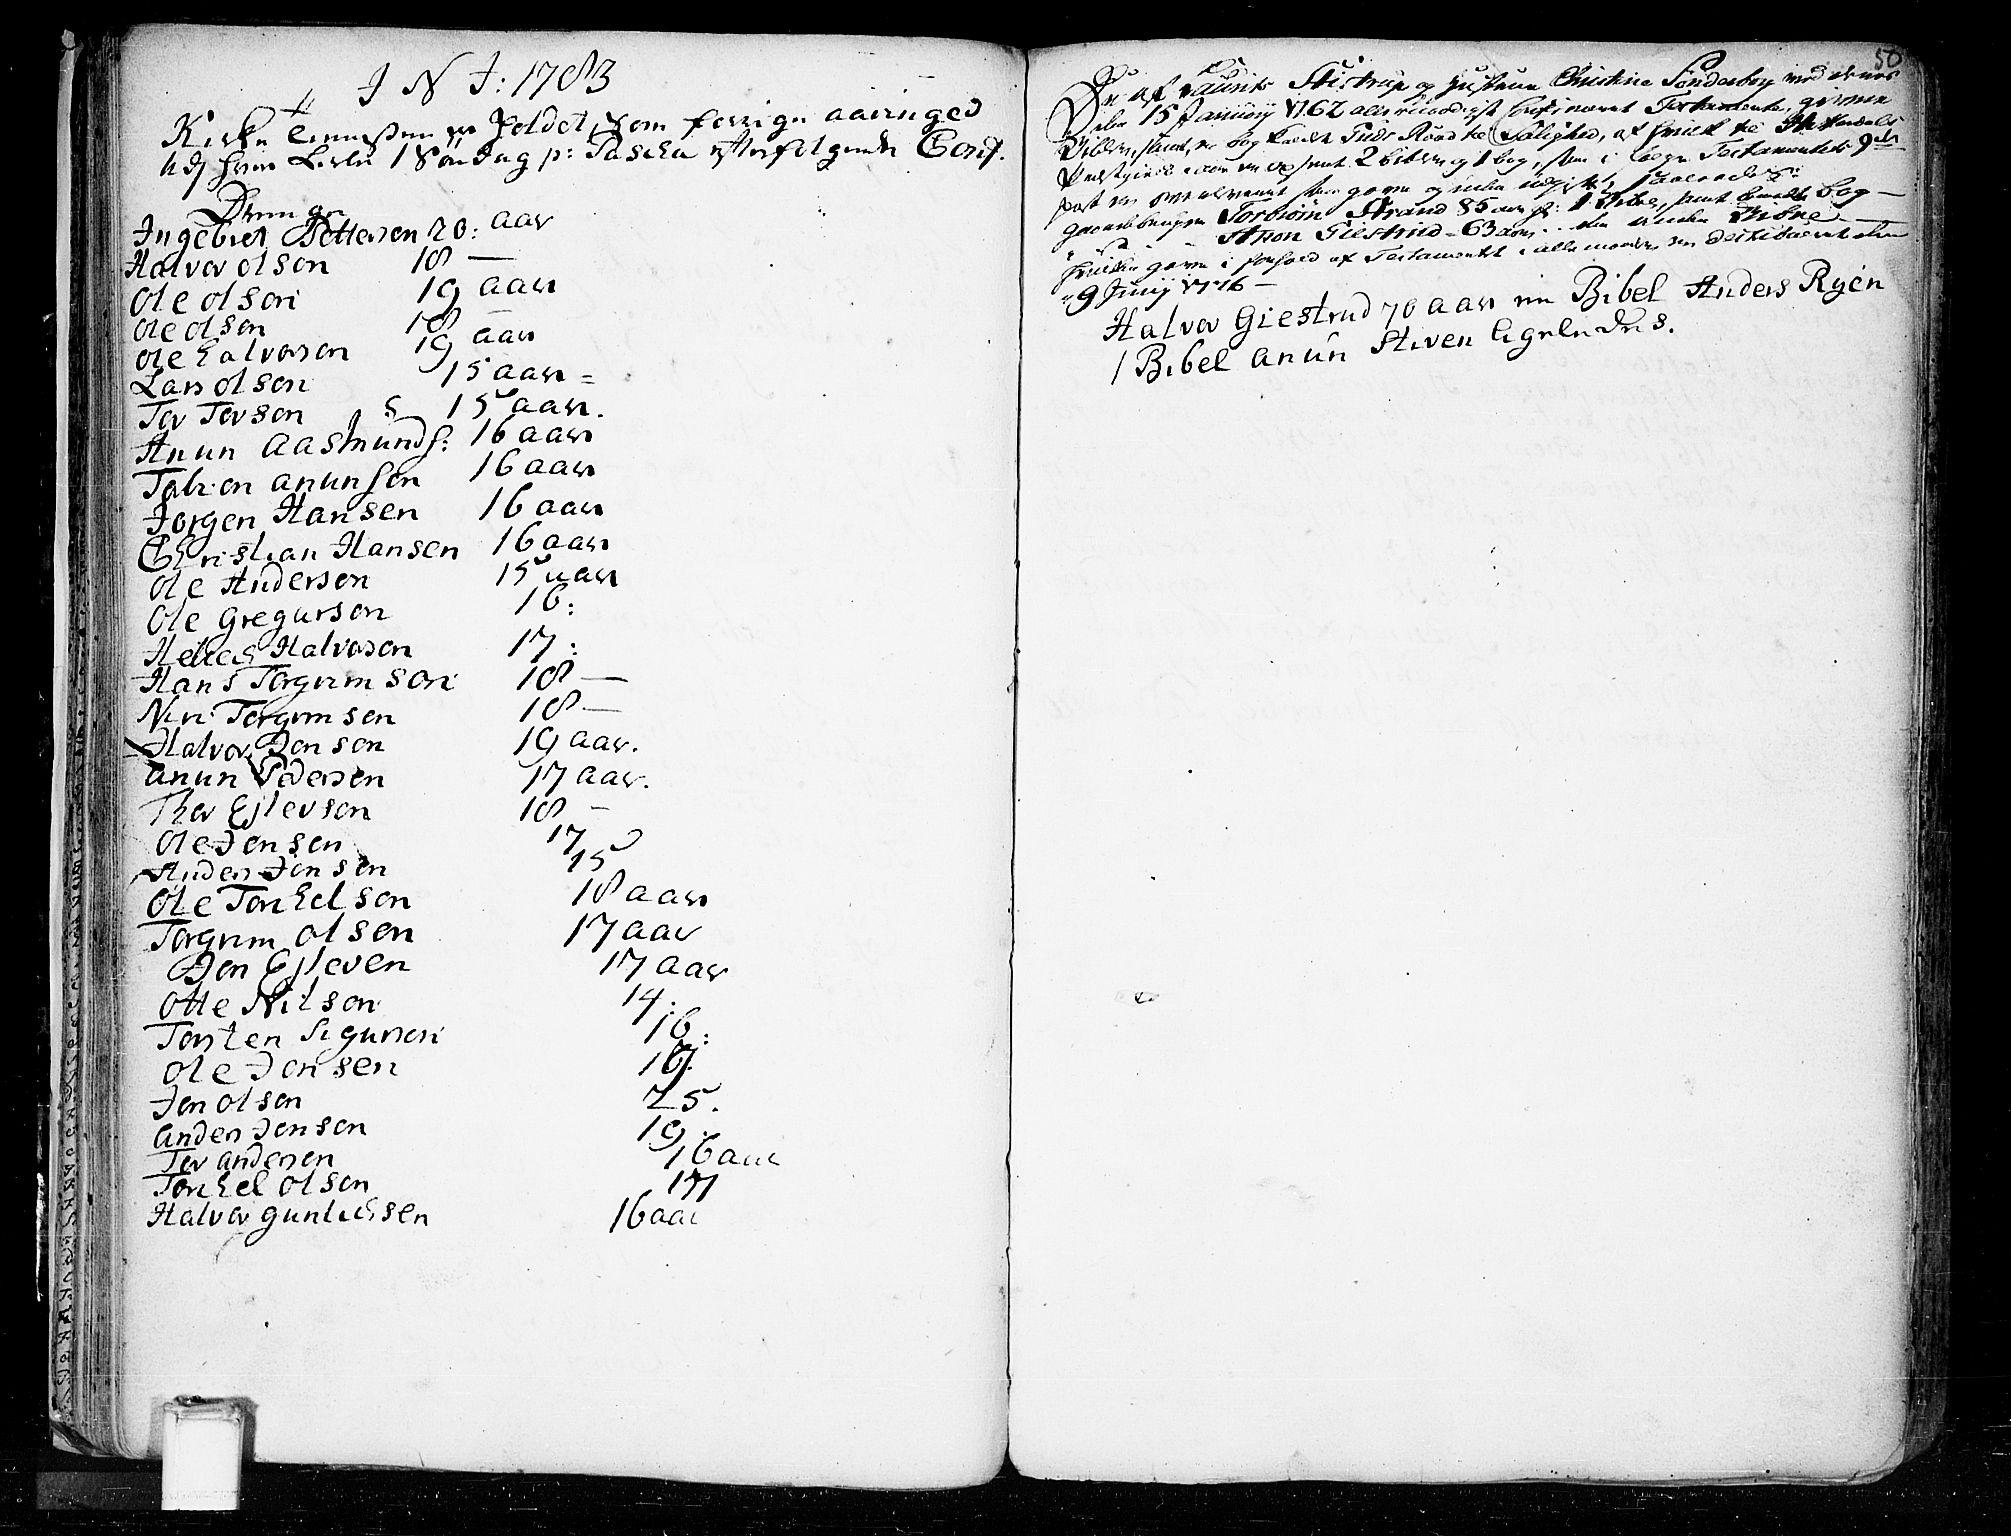 SAKO, Heddal kirkebøker, F/Fa/L0003: Ministerialbok nr. I 3, 1723-1783, s. 50